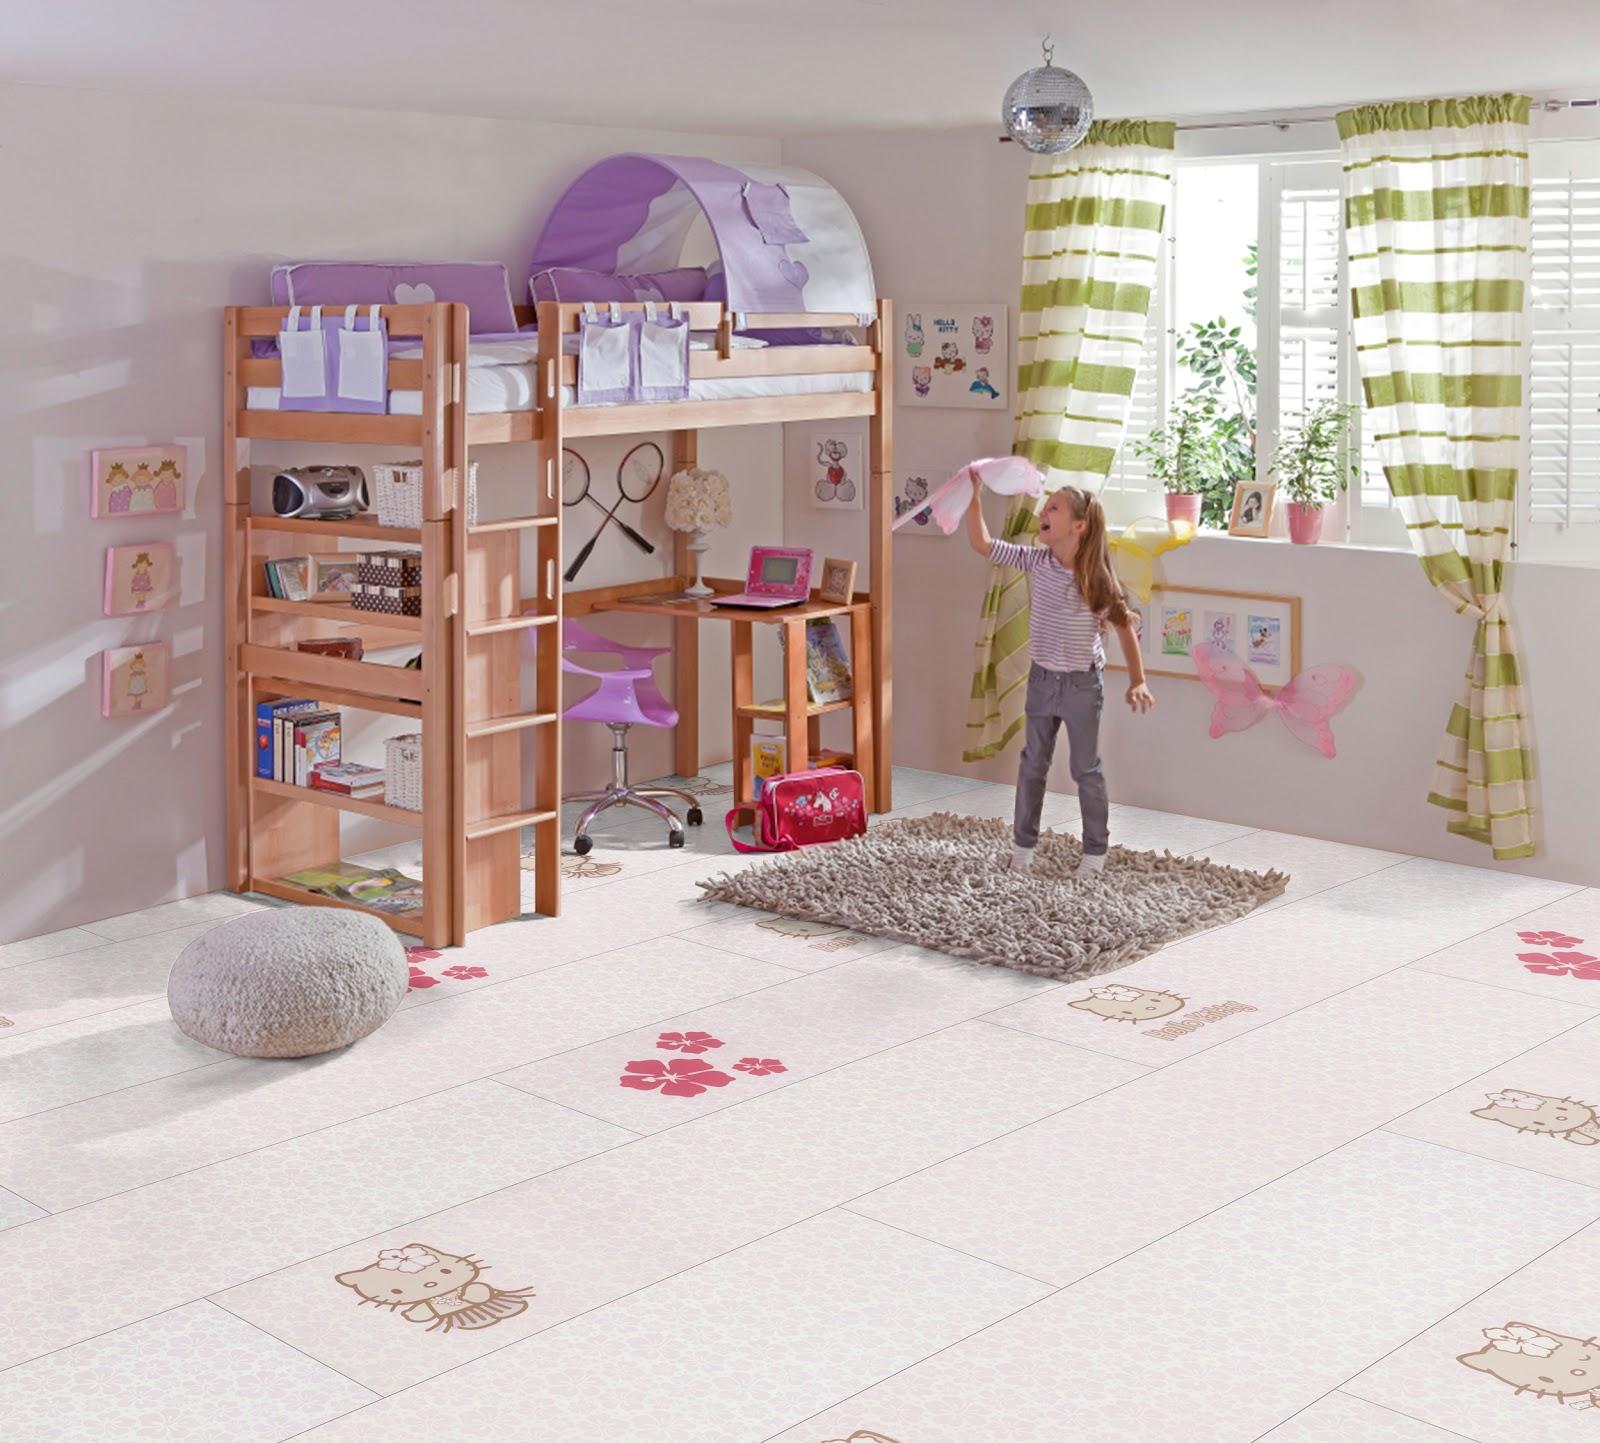 ratgeber wohnen und dekorieren: kinderzimmer: hello kitty für